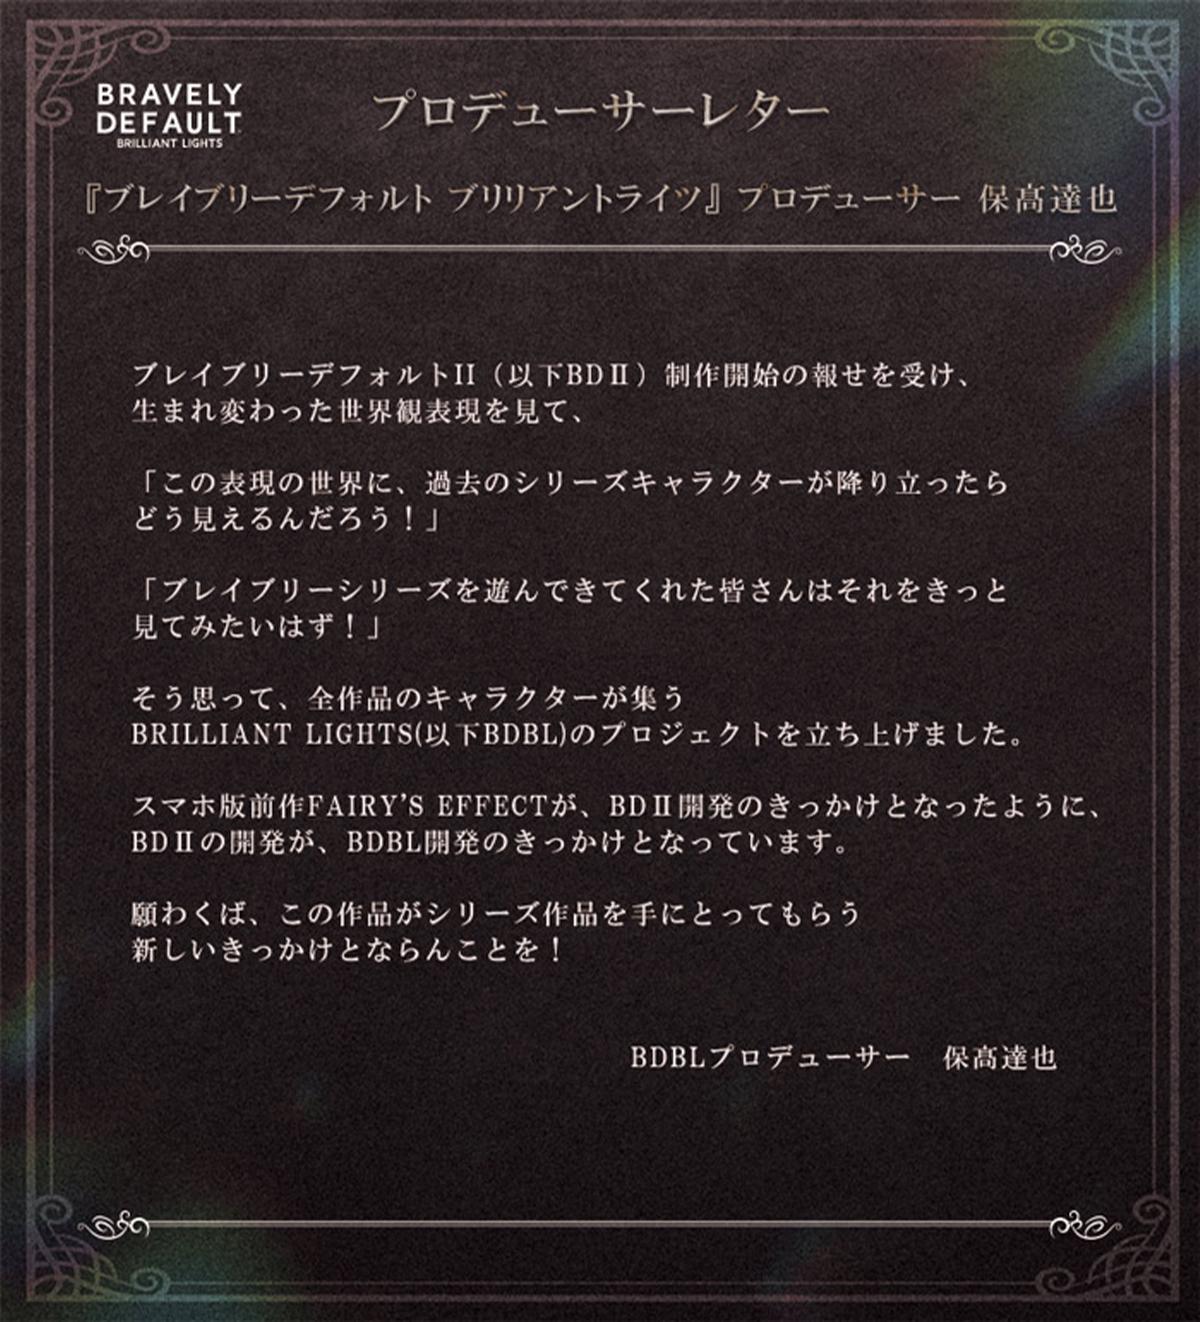 スペシャルメッセージ02